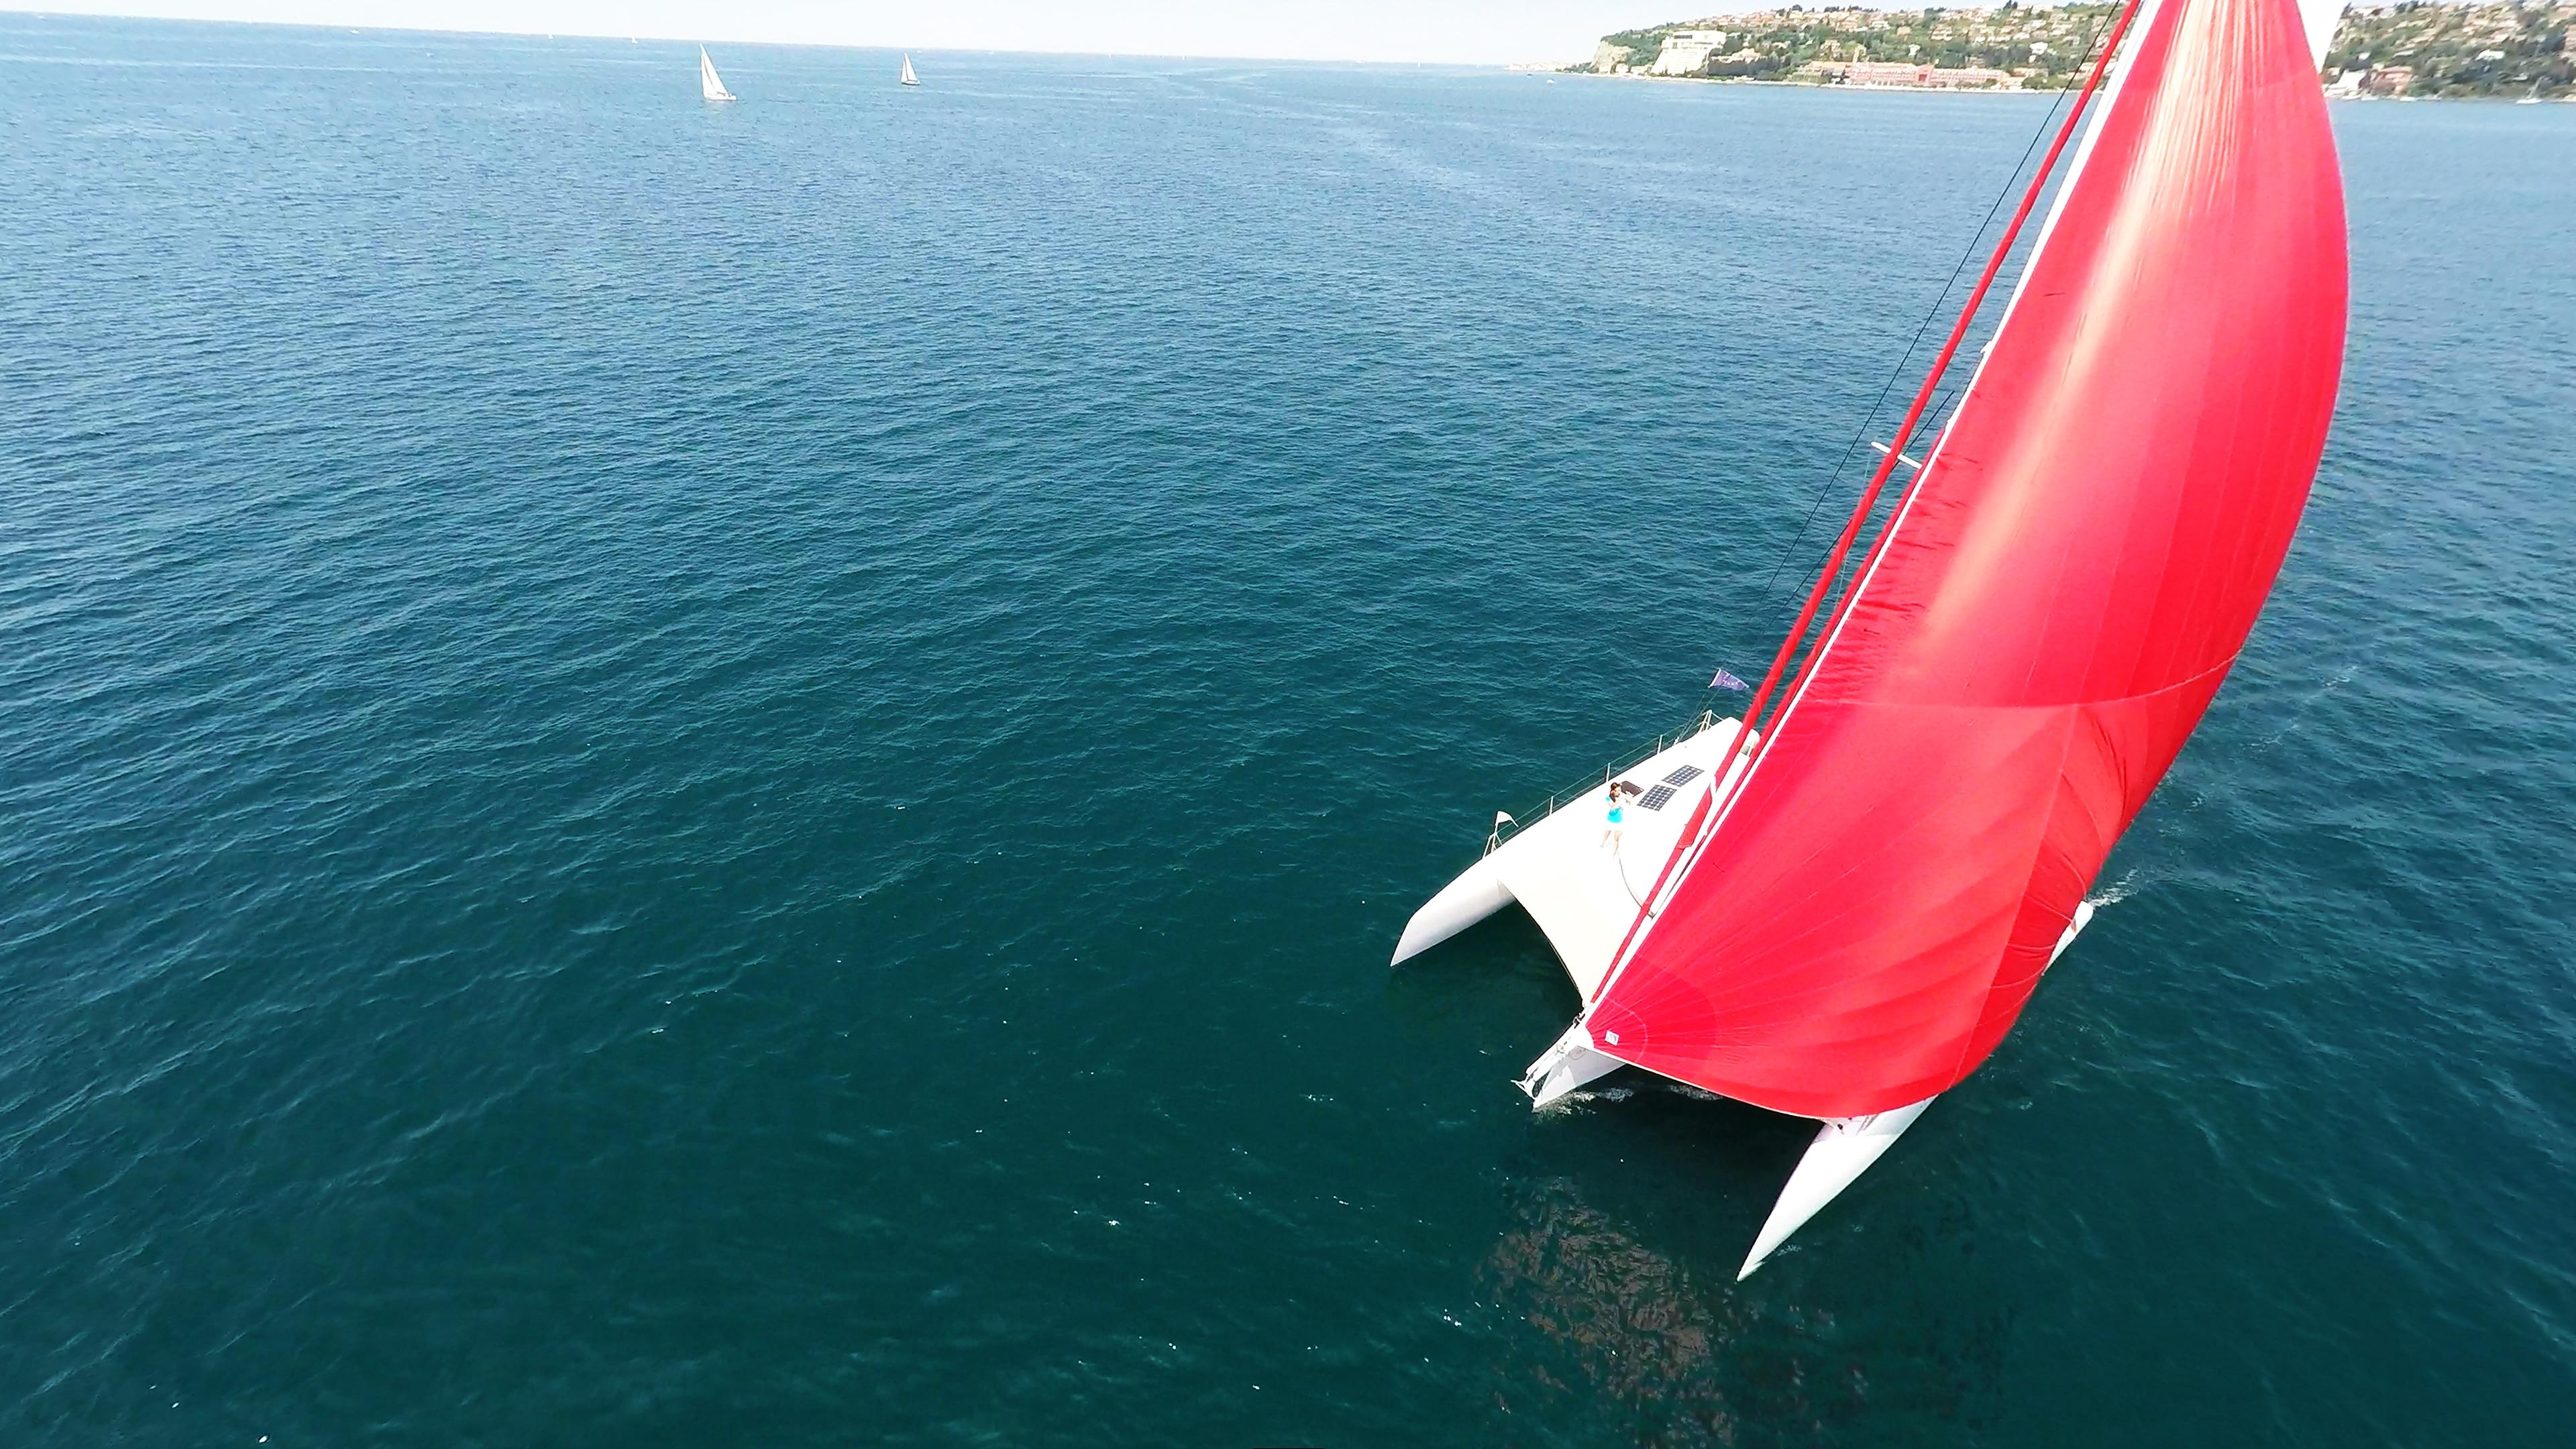 trimarano yacht a noleggio naviga con gennaker sul albero